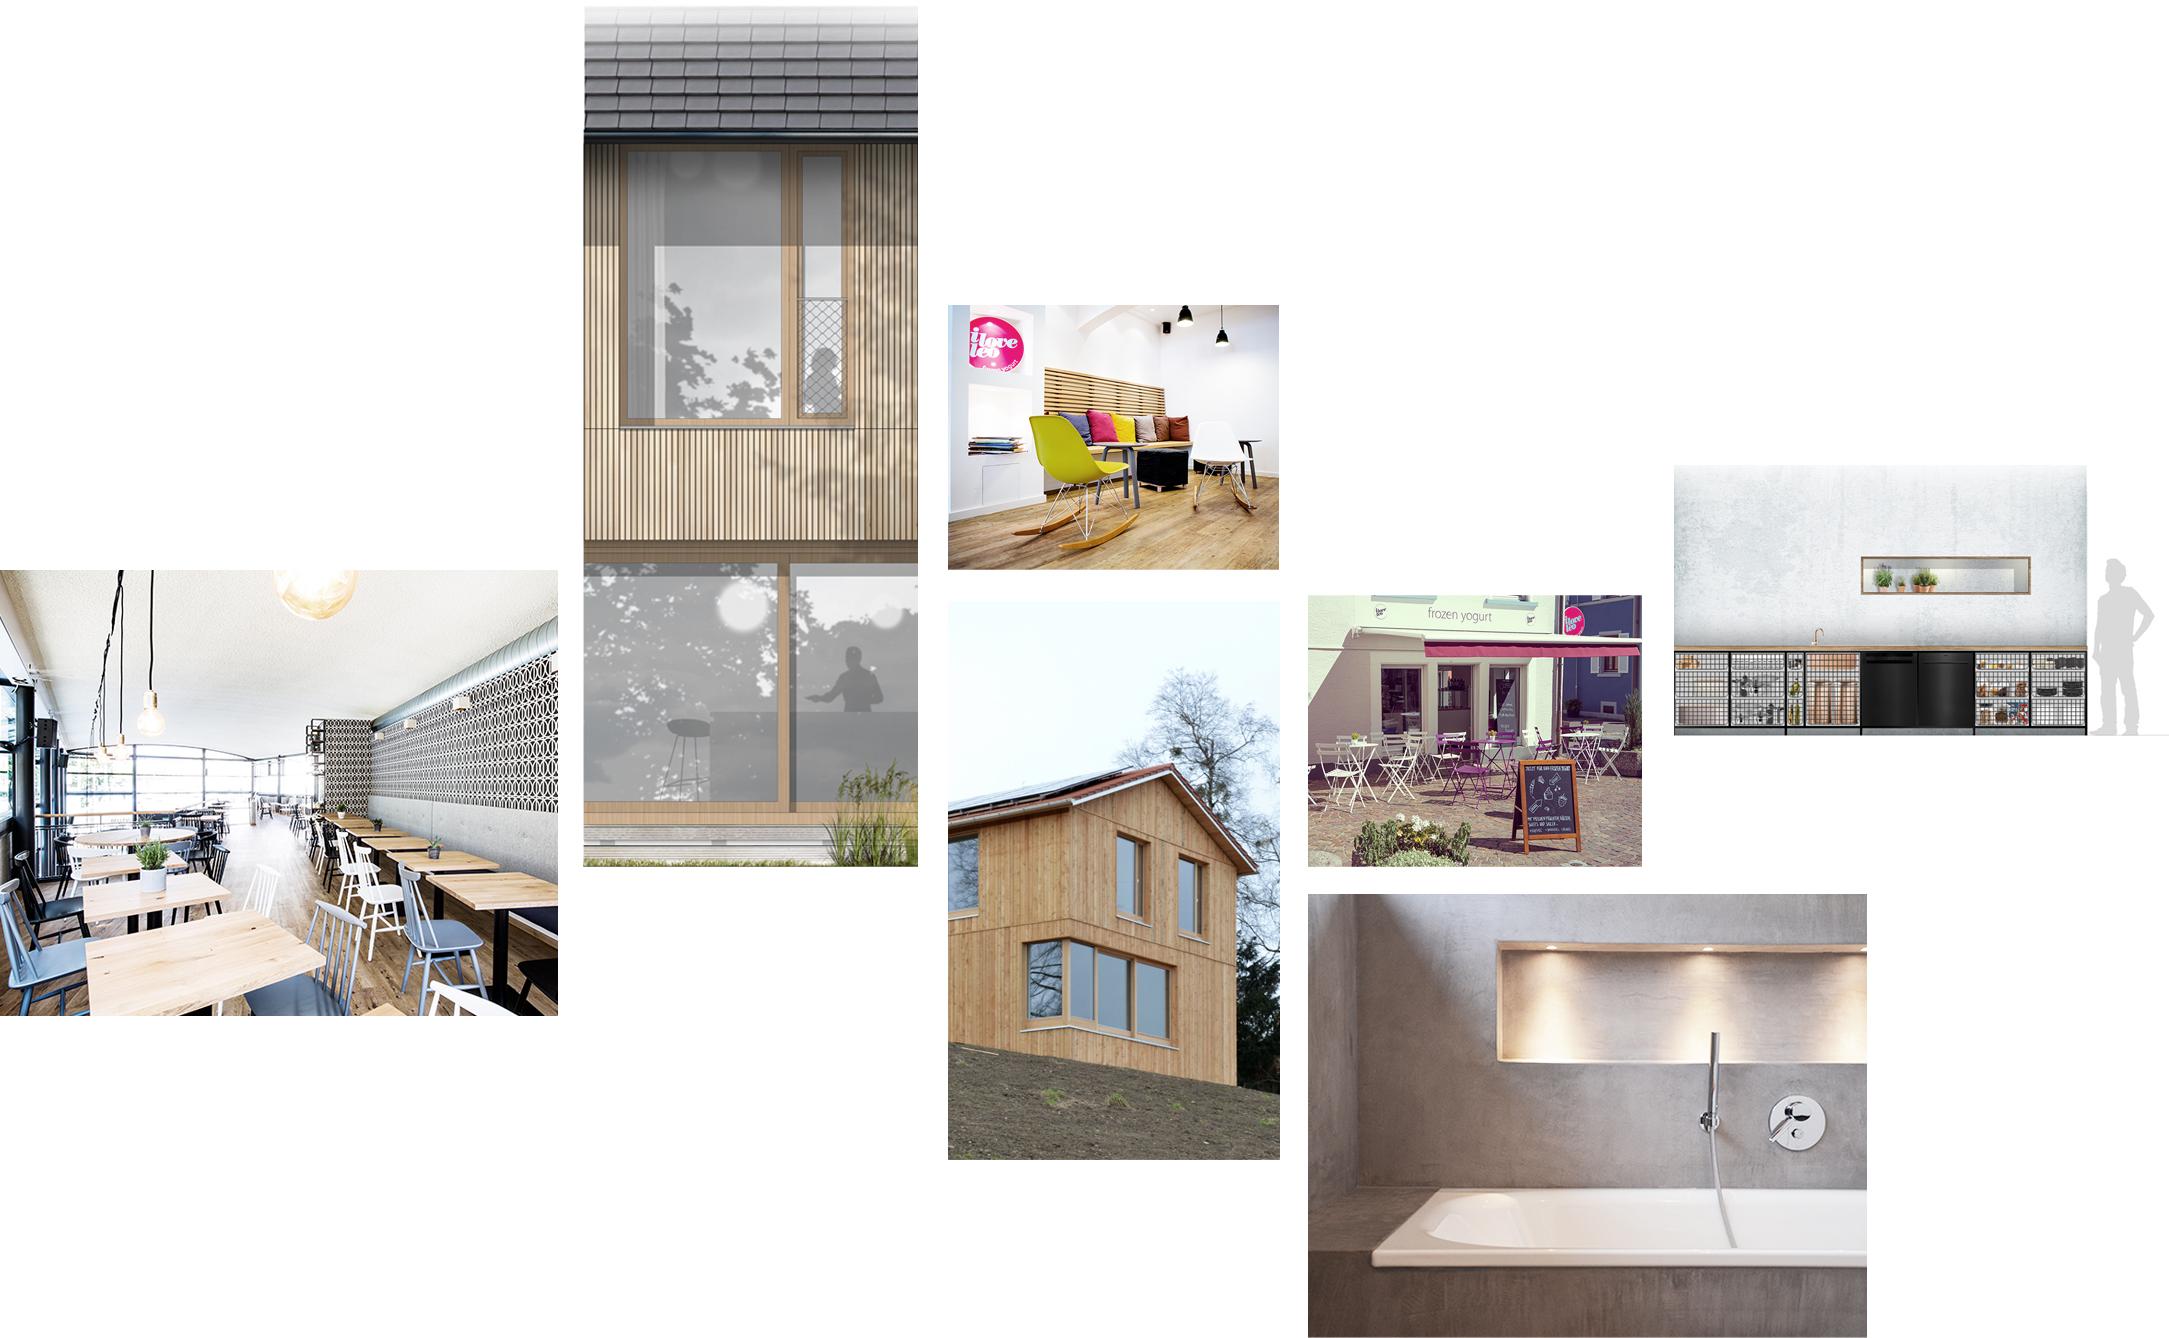 jacob-mayer-voigt-architekt-interior-design-architektur-wohnhaus-design-hochbau